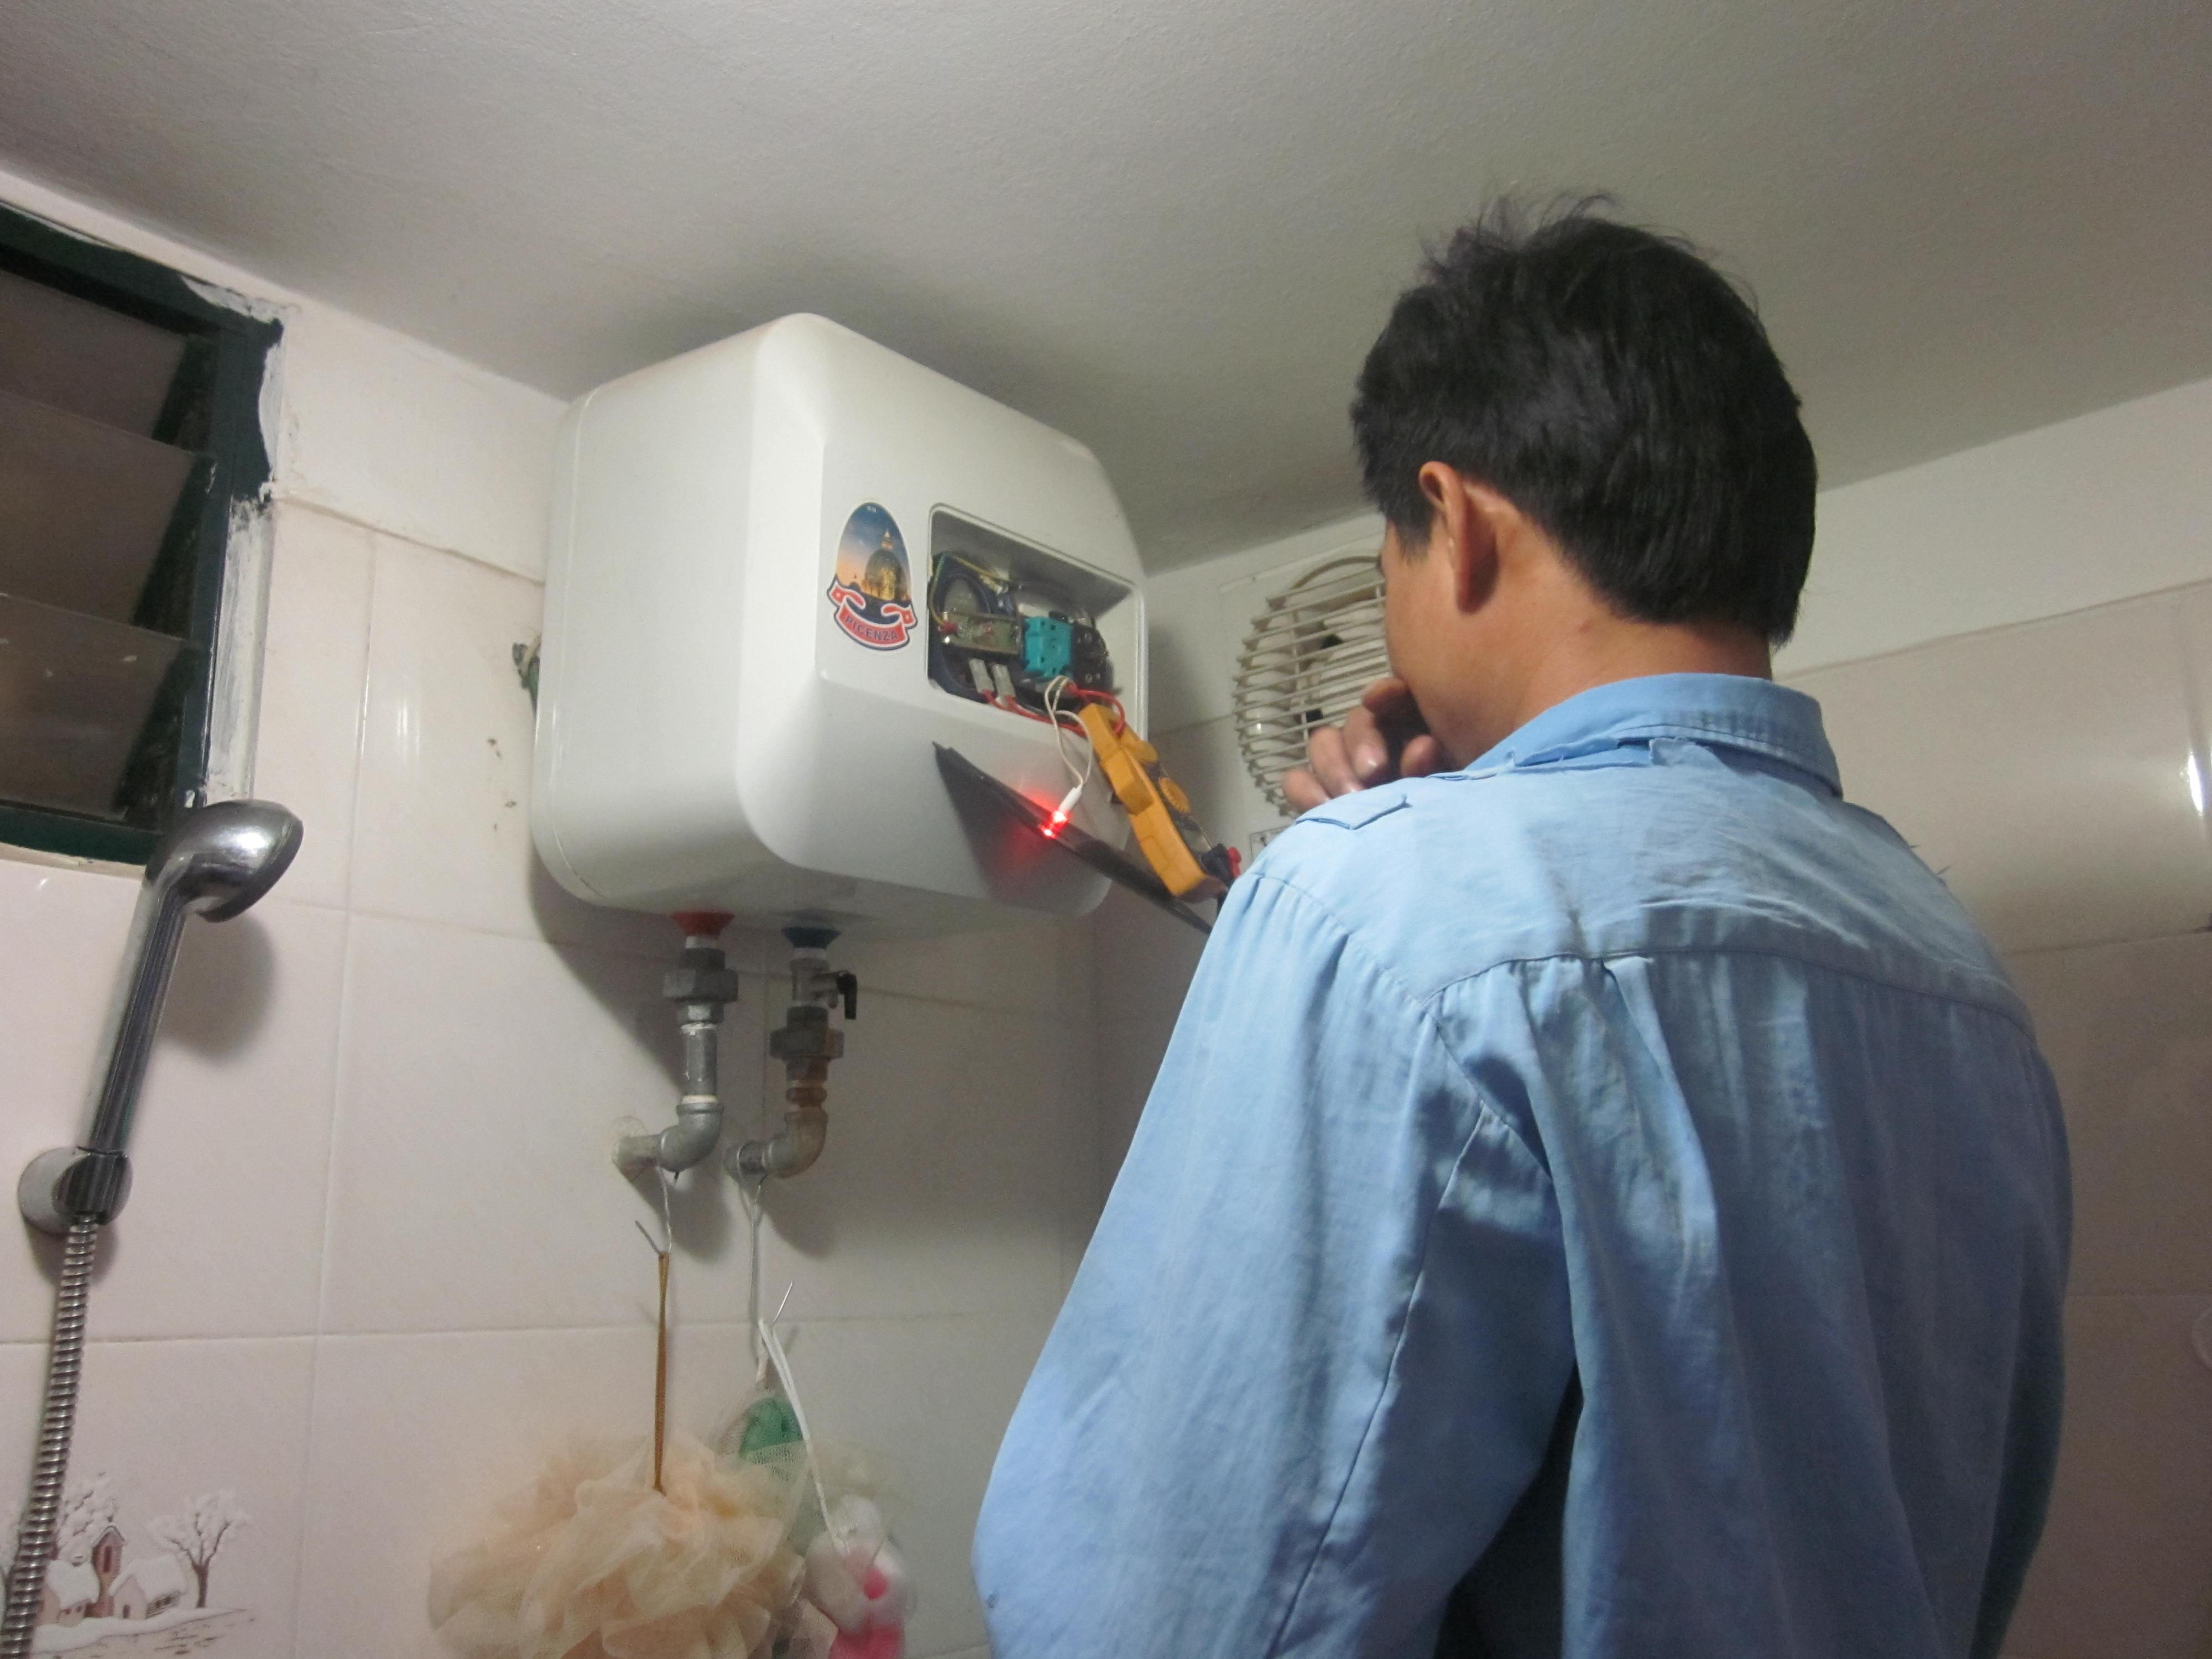 Chọn mua bình nóng lạnh và cách lắp đặt bình. Ảnh minh họa